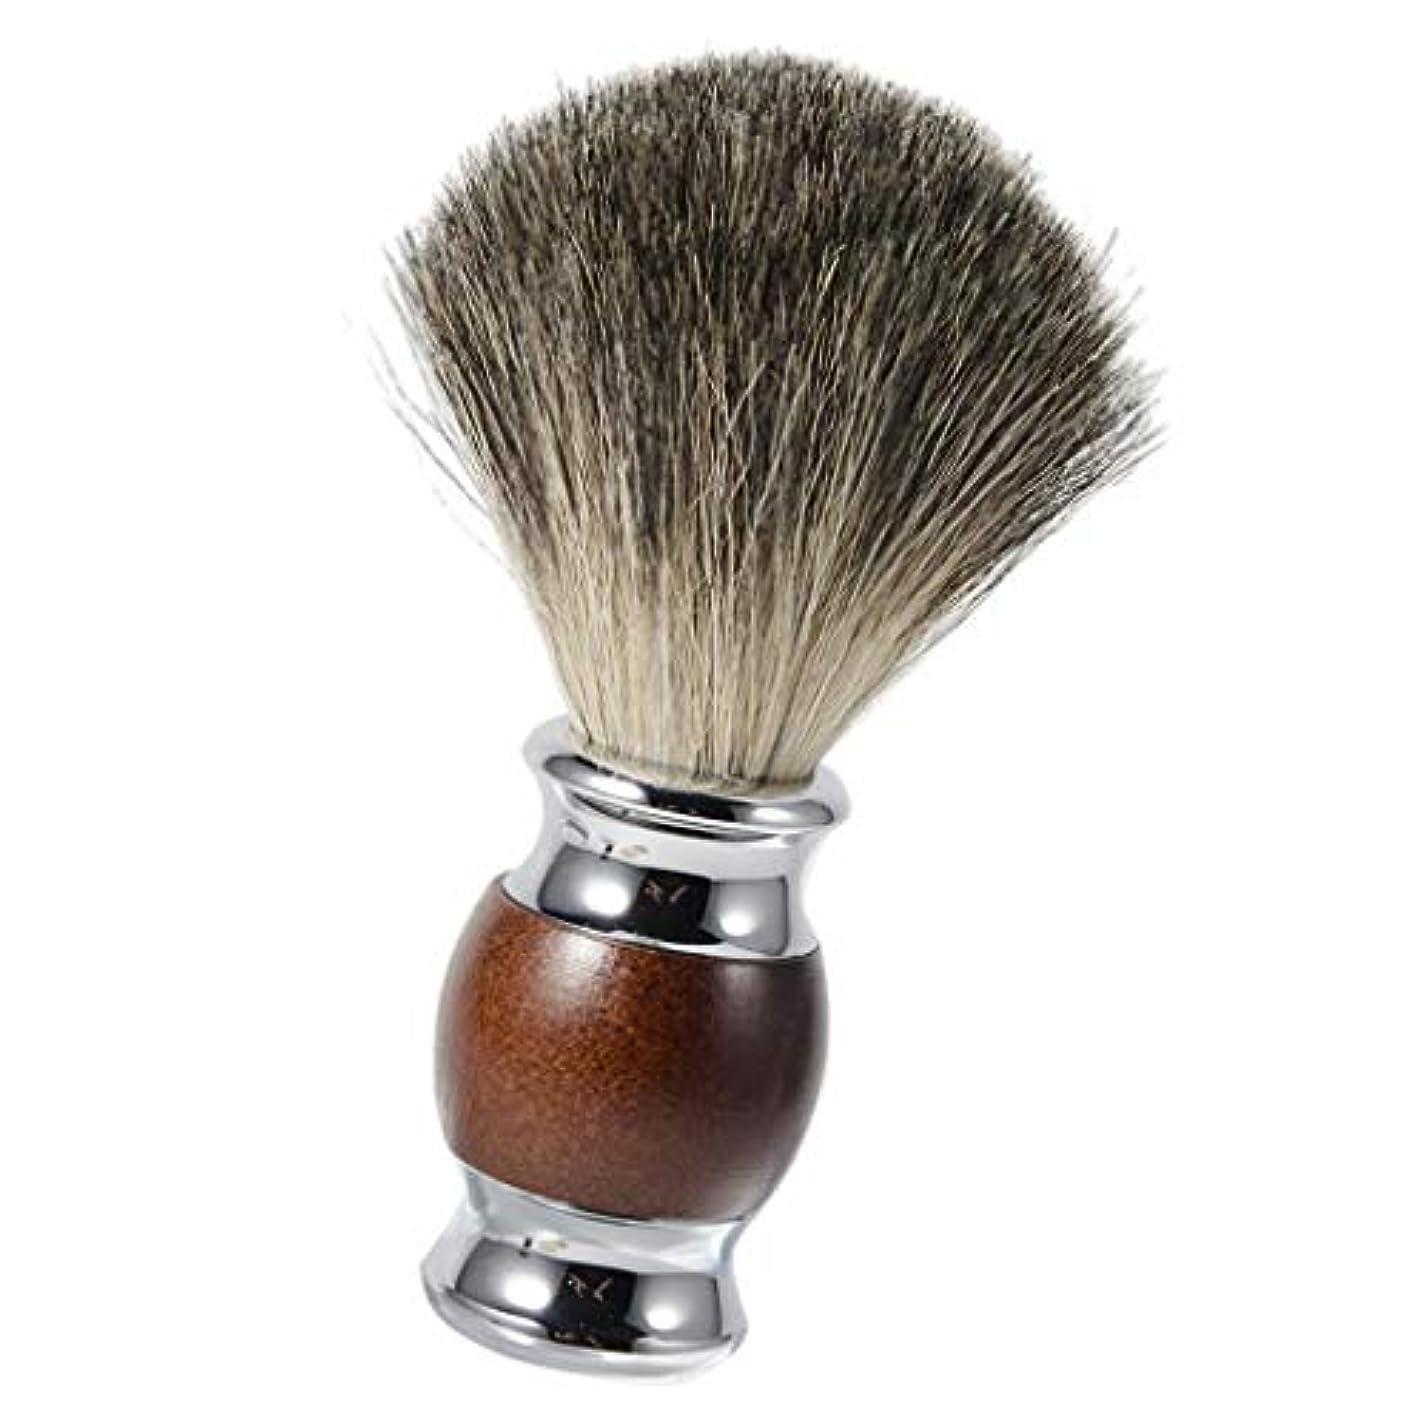 傾くブレイズ分散Baoblaze ひげブラシ シェービングブラシ 木製ハンドル 理容 洗顔 髭剃り 泡立ち メンズ用 友人にプレゼント